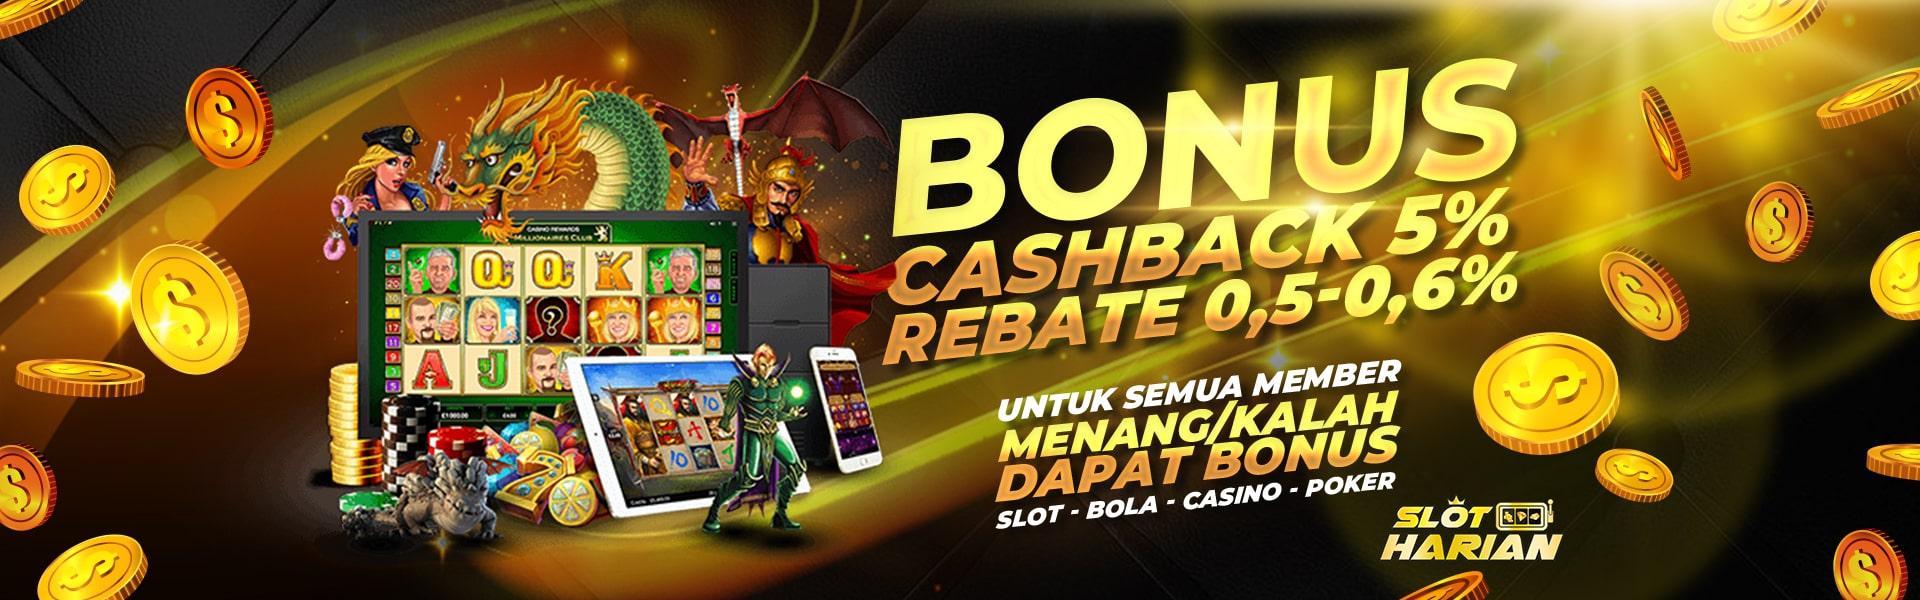 Slot Harian Promosi Duo Bonus Cashback Rebate